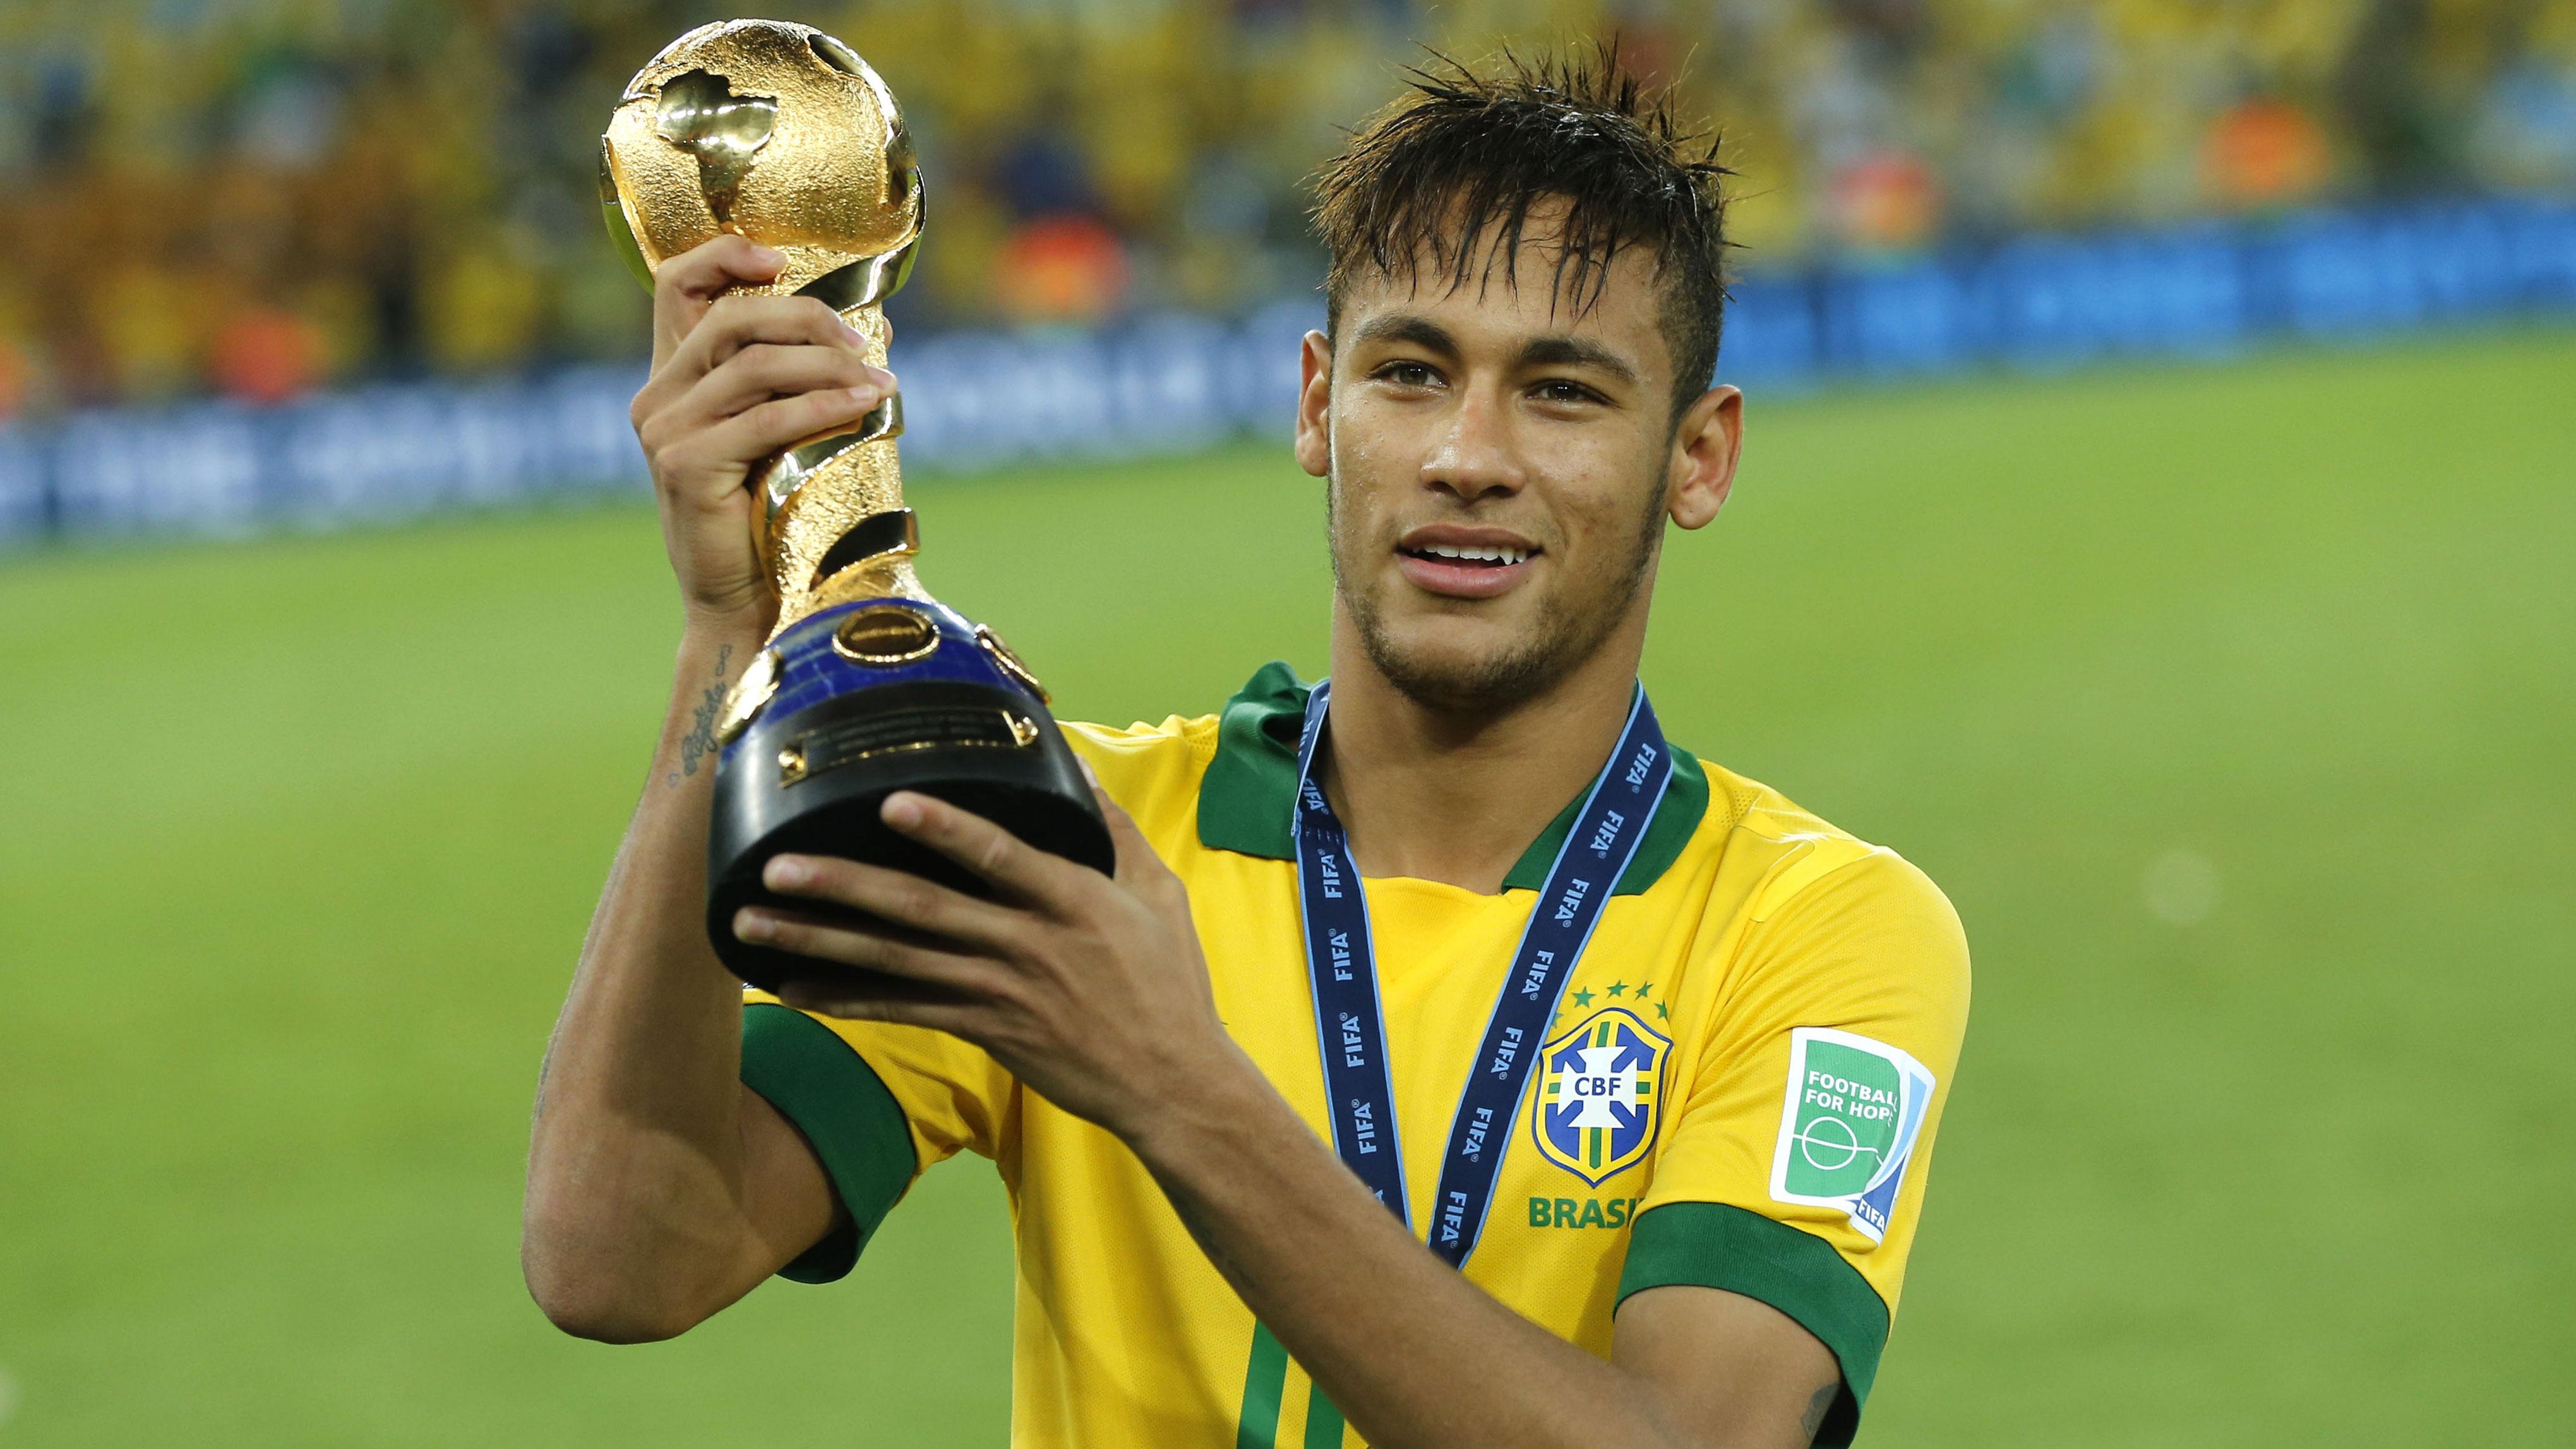 Neymar given Golden Ball award for best player - Sportsnet.ca